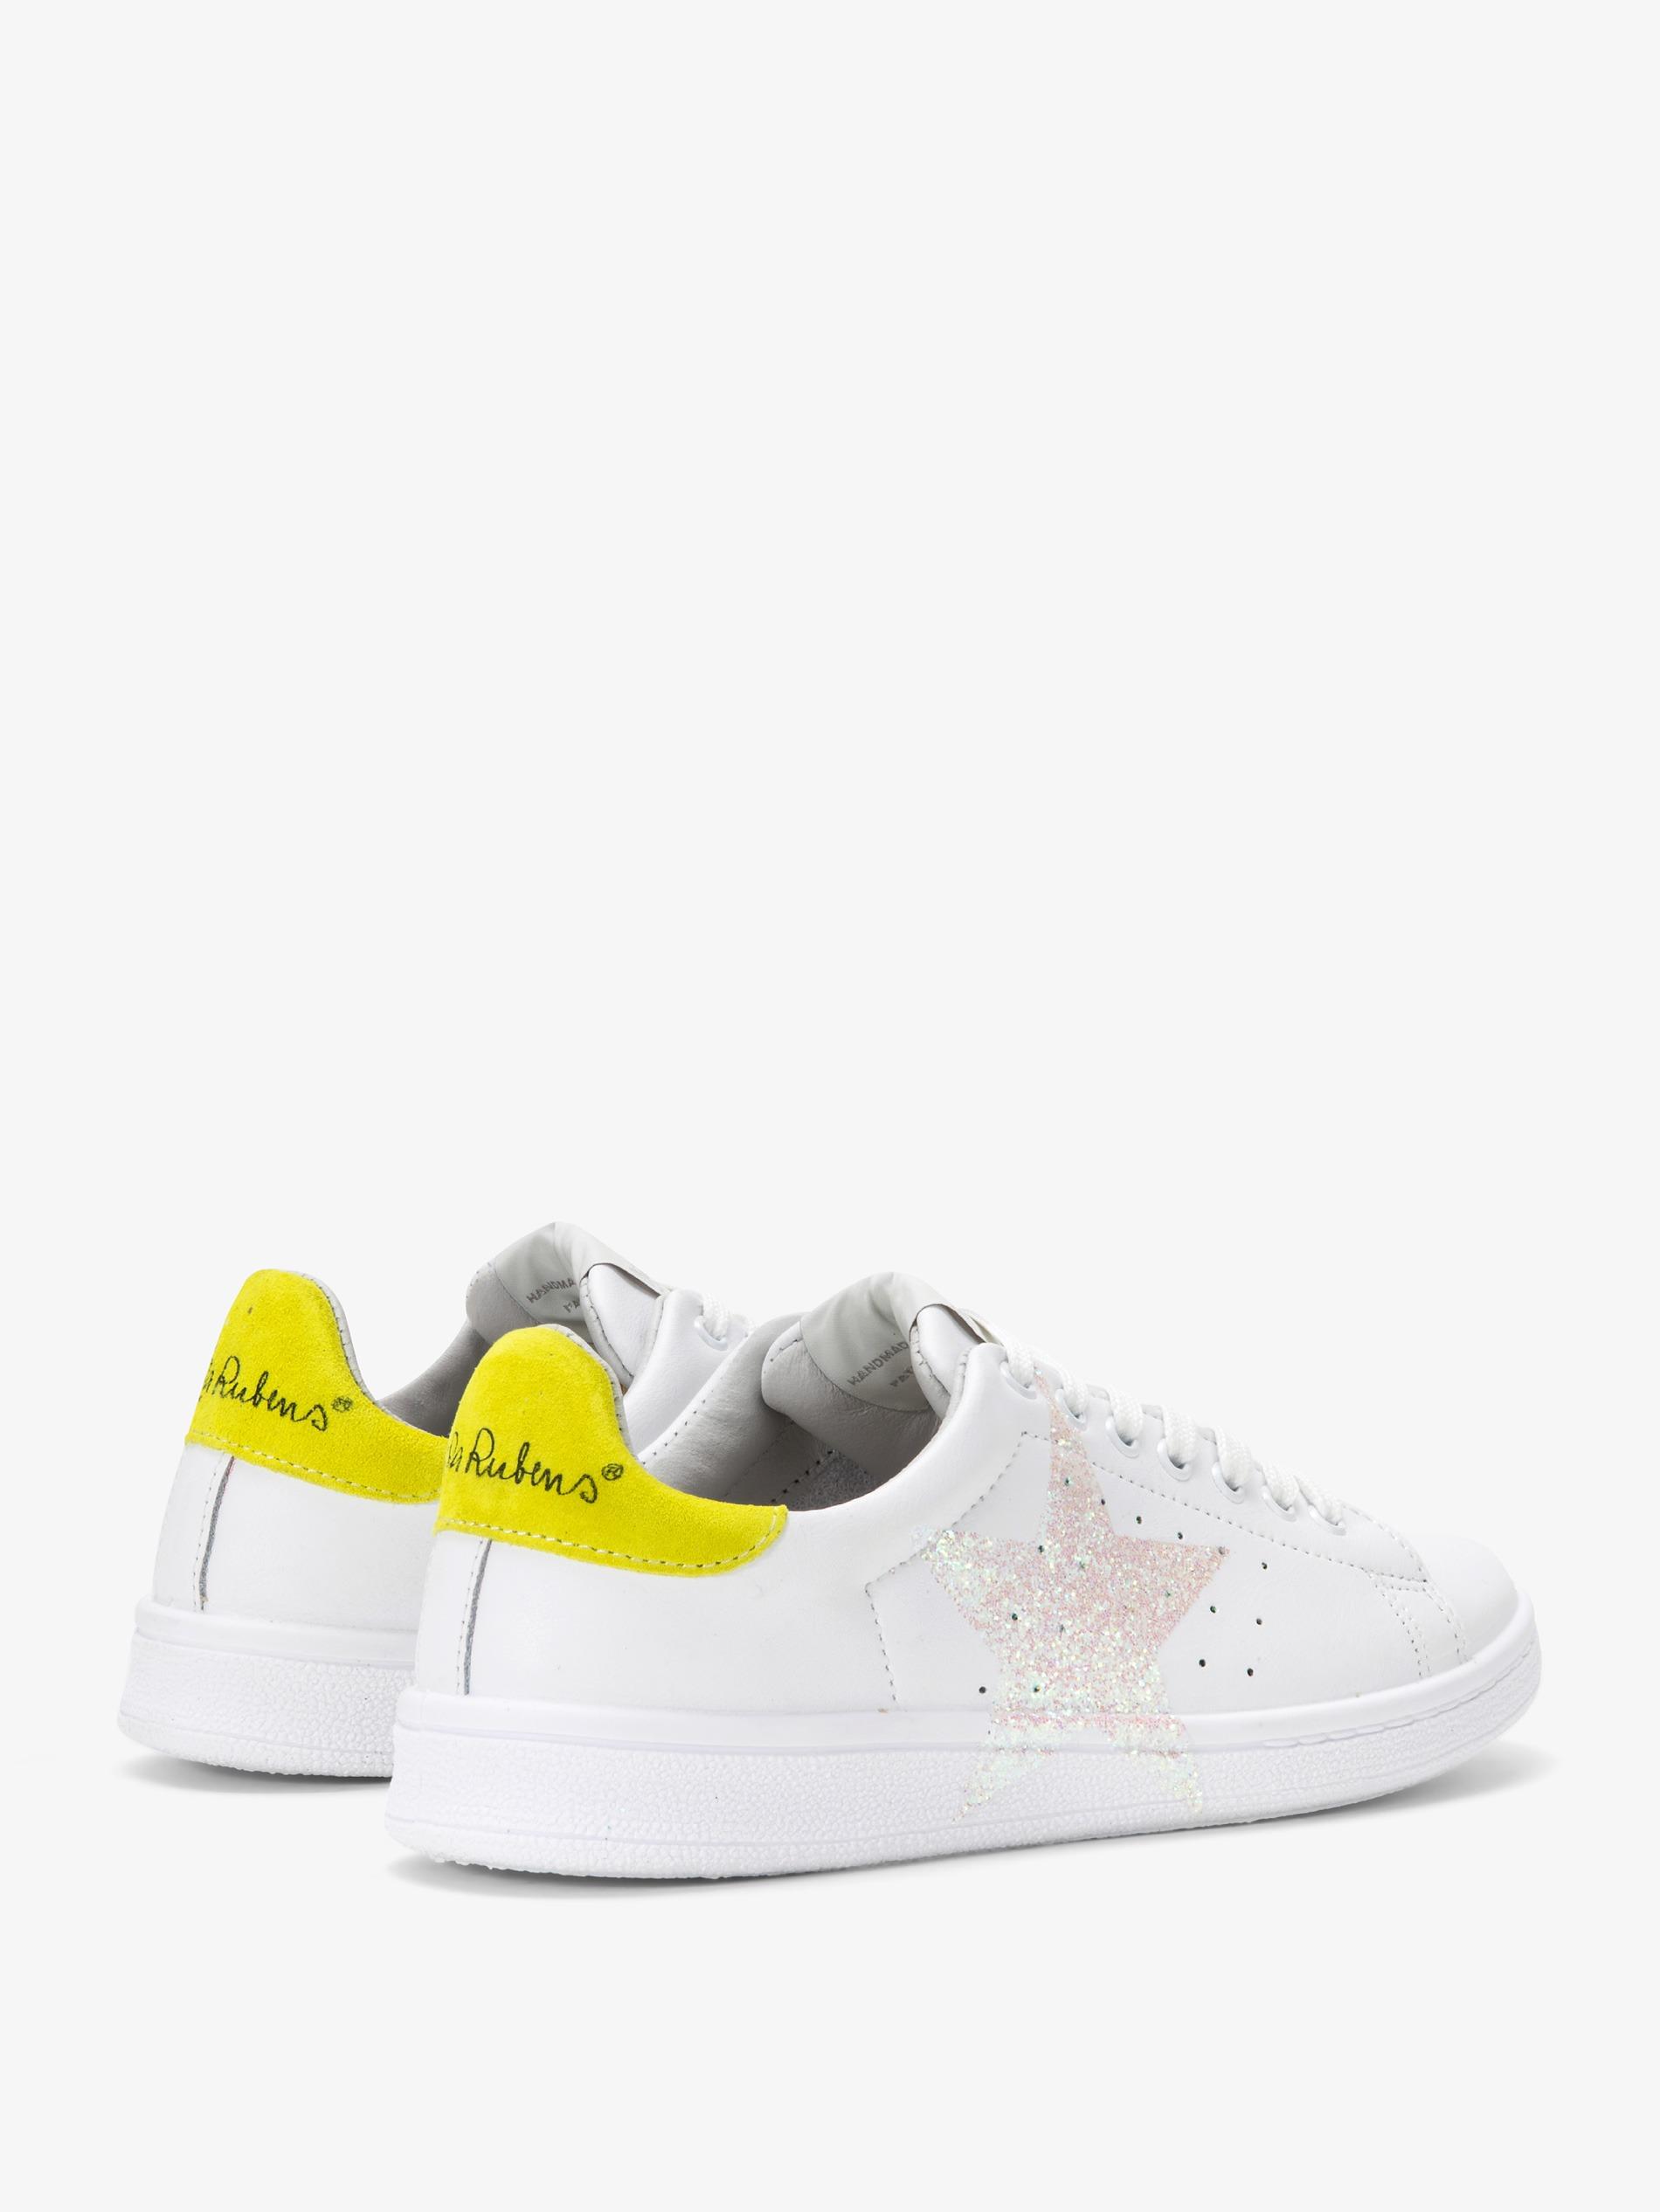 FOOTWEAR - Low-tops & sneakers Mother Of Pearl 7PymC2VDa